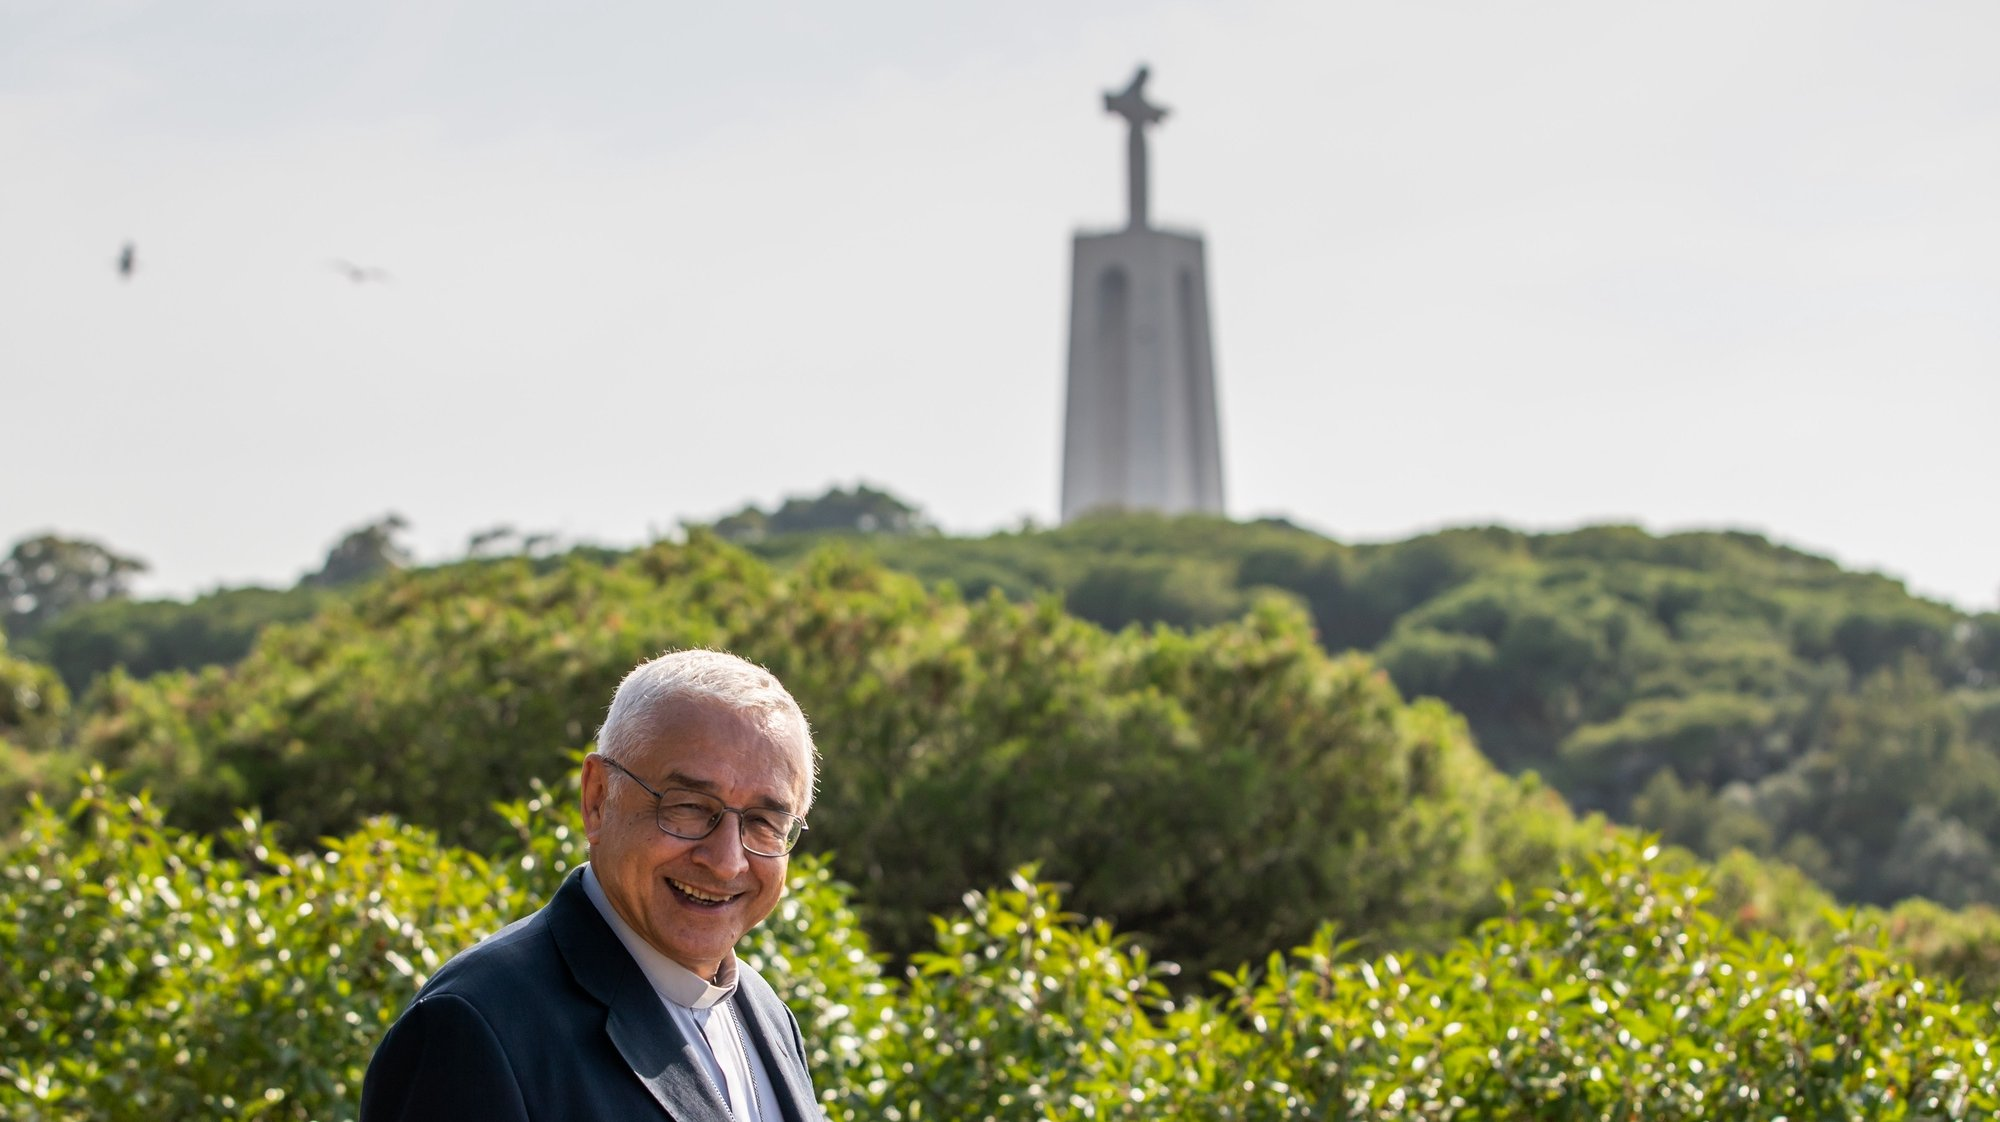 O bispo de Setúbal, José Ornelas, em entrevista à agência Lusa no Seminário de São Paulo de Almada, em Almada, 11 de junho de 2021. O presidente da Conferência Episcopal Portuguesa e bispo de Setúbal defende que é necessário que o Rendimento Social de Inserção seja cada vez mais associado à requalificação das pessoas. (ACOMPANHA TEXTO DA LUSA DO DIA 17 DE JUNHO DE 2021). JOSÉ SENA GOULÃO/LUSA